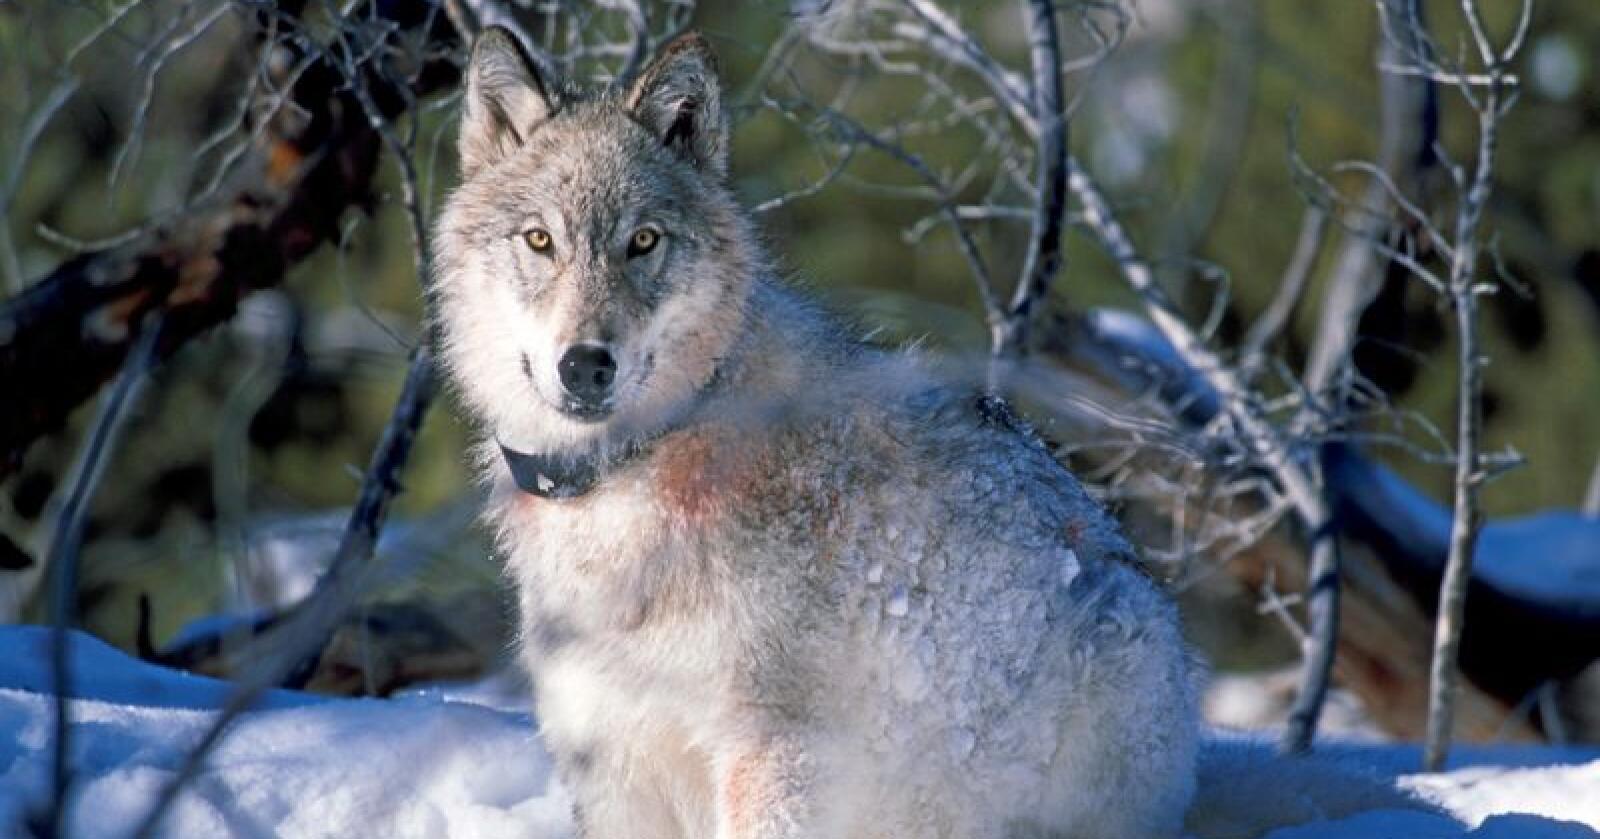 Regjeringen har bestilt en faglig utredning av ulvebestanden i Norge. Denne ulven er derimot fotografert i USA. Foto: William Campbell